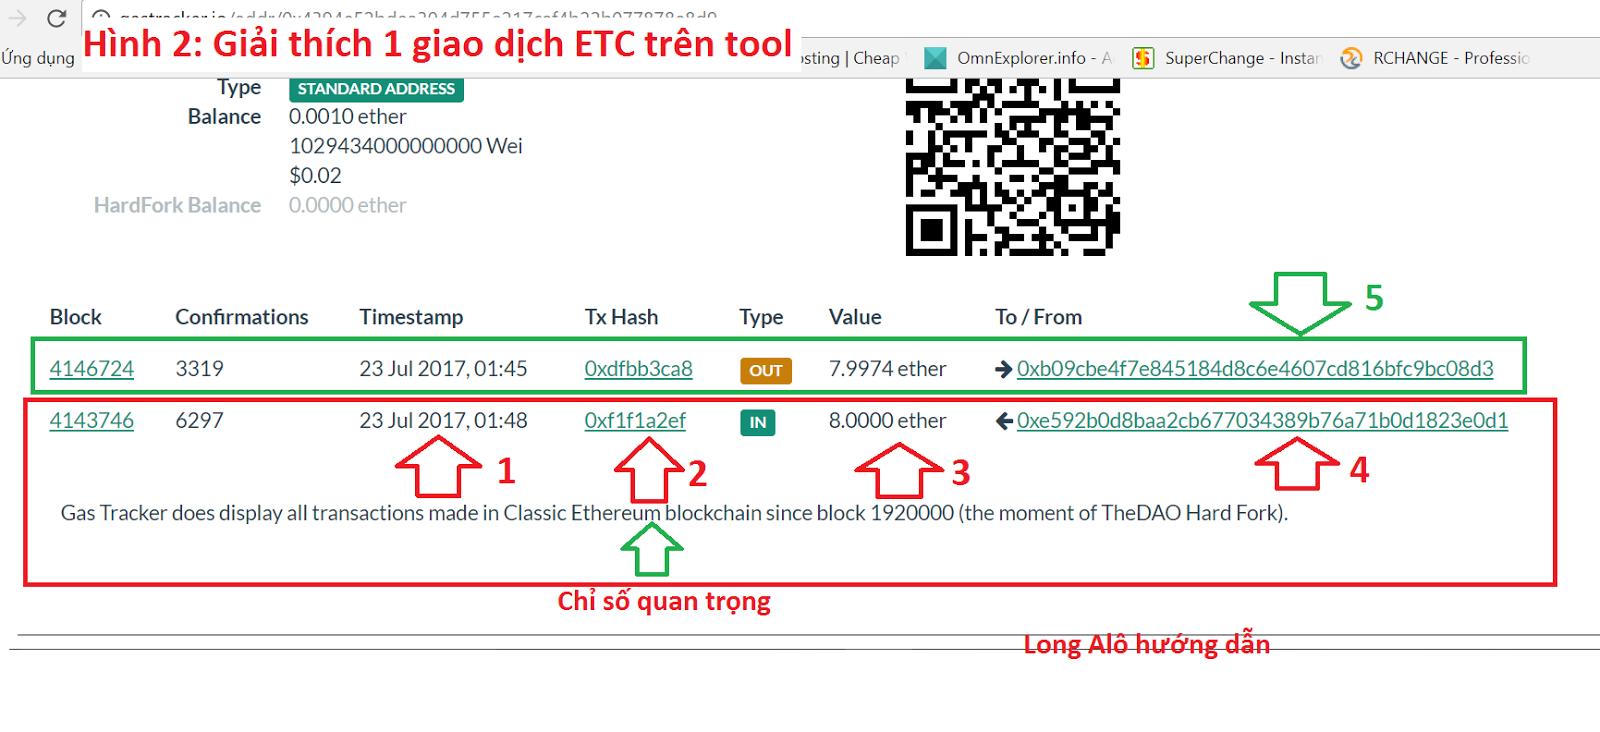 Giải thích các chỉ số: Số 1: Thời gian nhận ví bạn nhận được ETC trên  block. Số 3: số Lượng 8 ETC của tôi đã nhận đây rồi.